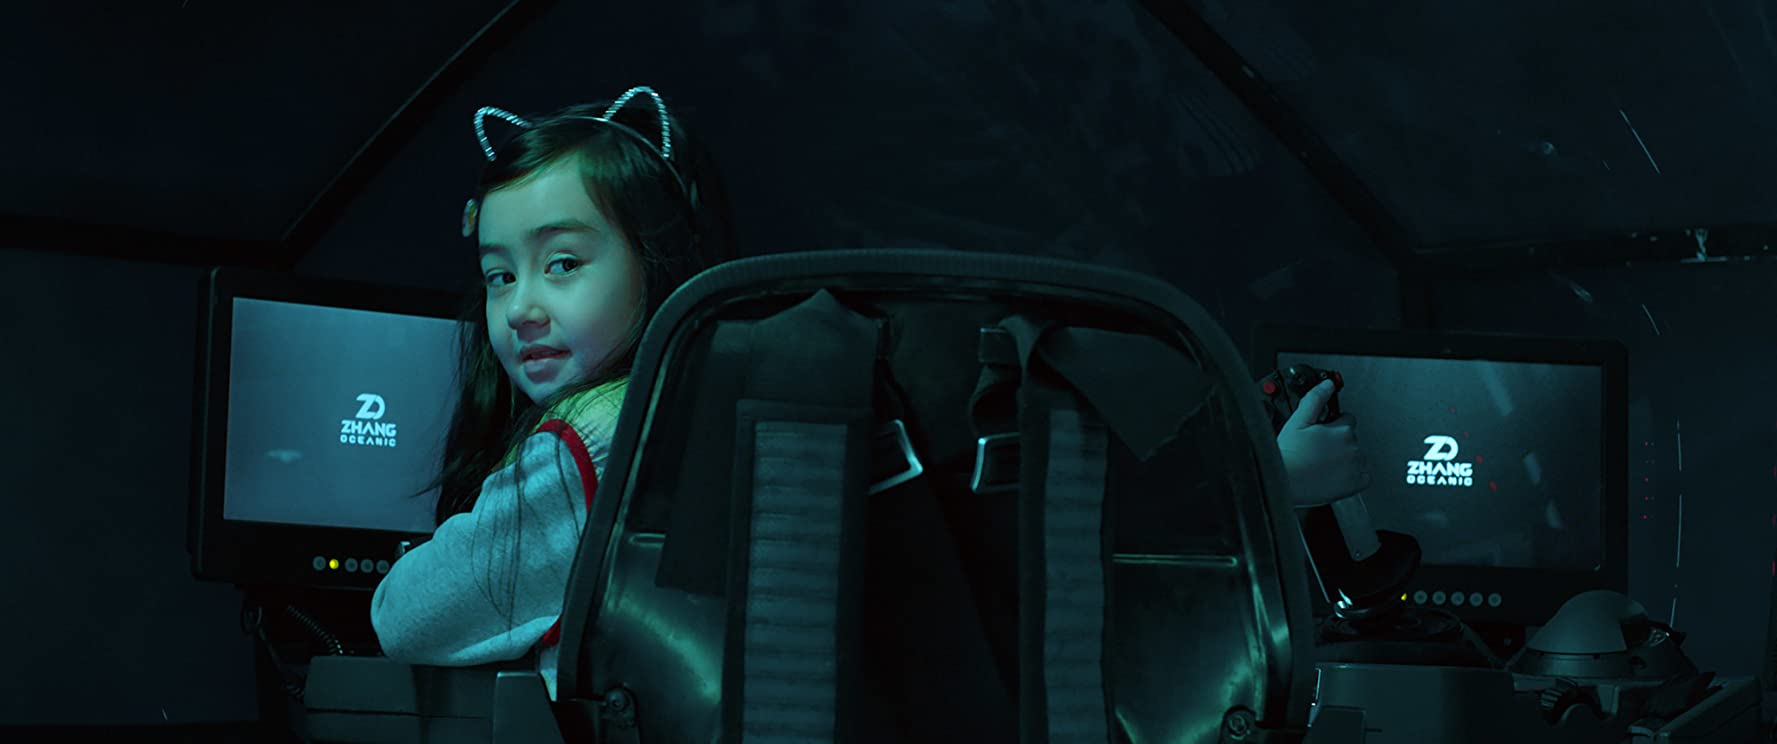 Shuya Sophia Cai in The Meg (2018)